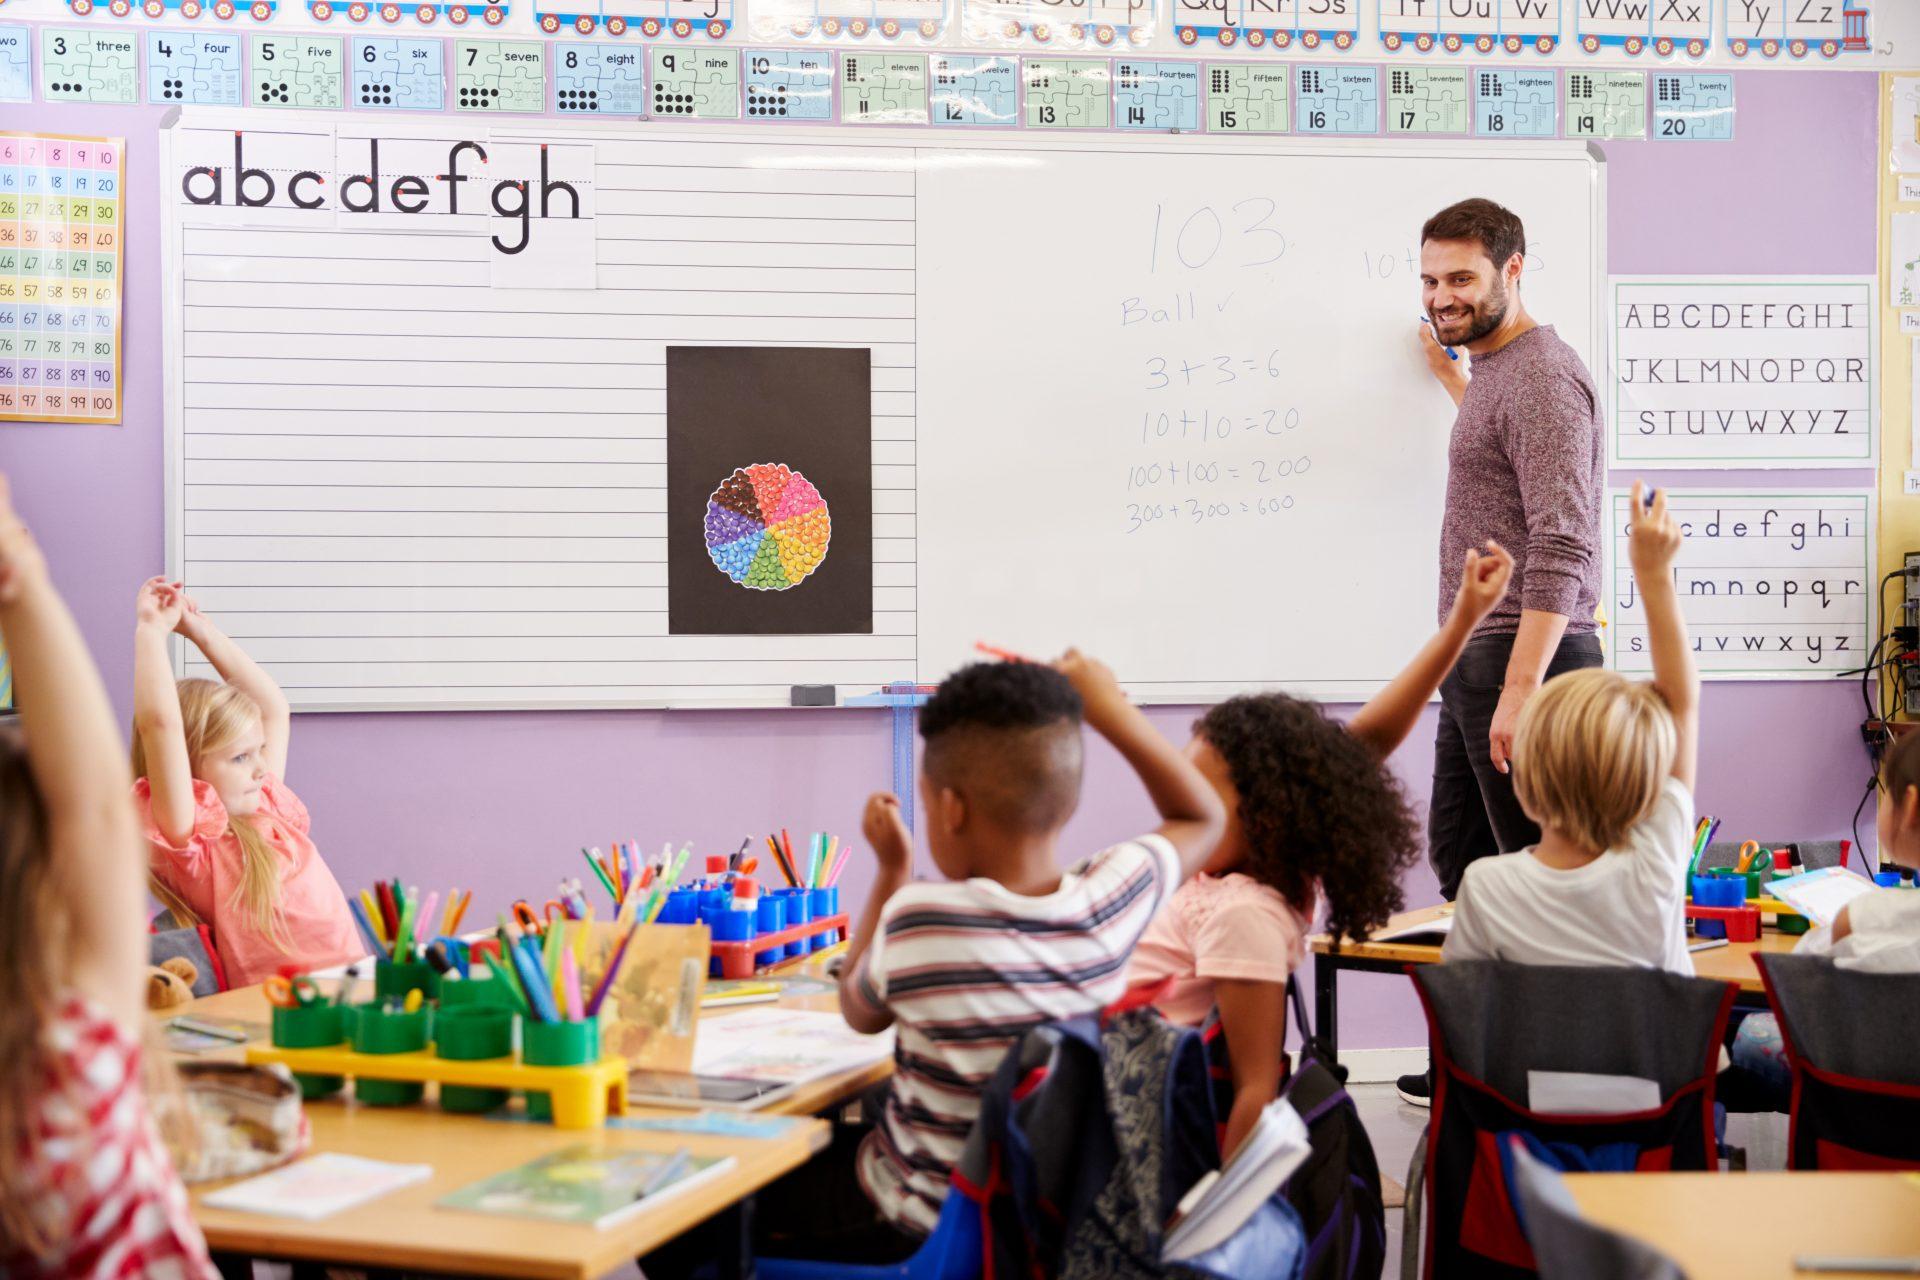 Barn rekker opp hånden i klasserom